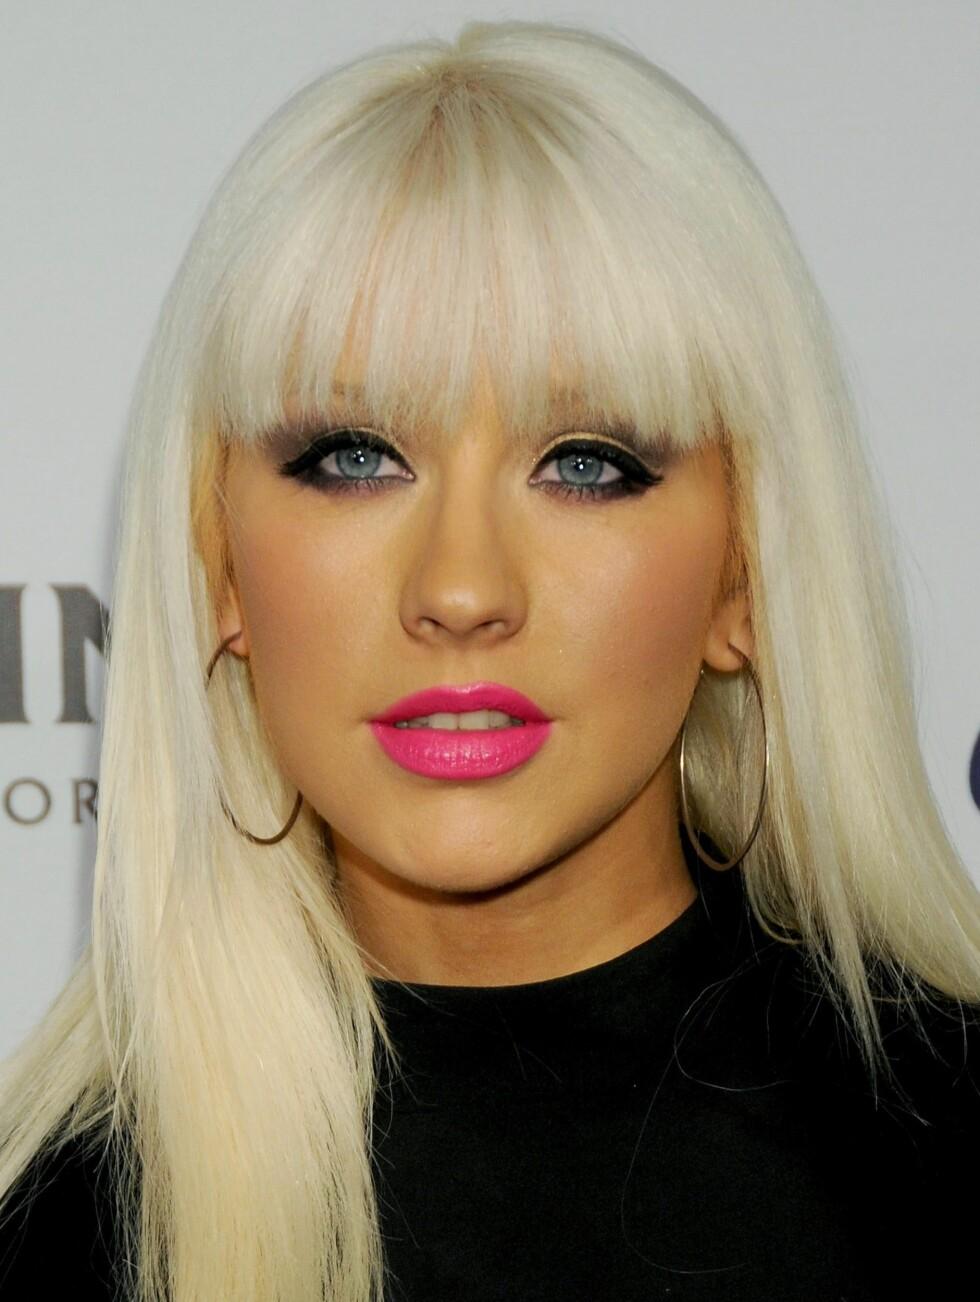 En litt uheldig spray tan kan skje den beste. Her er det Christina Aguilera som har fått den ukledelige mandarin-fargen. Men hvorfor må hun toppe sminkekatastrofen med en knallrosa leppestift?  Foto: All Over Press